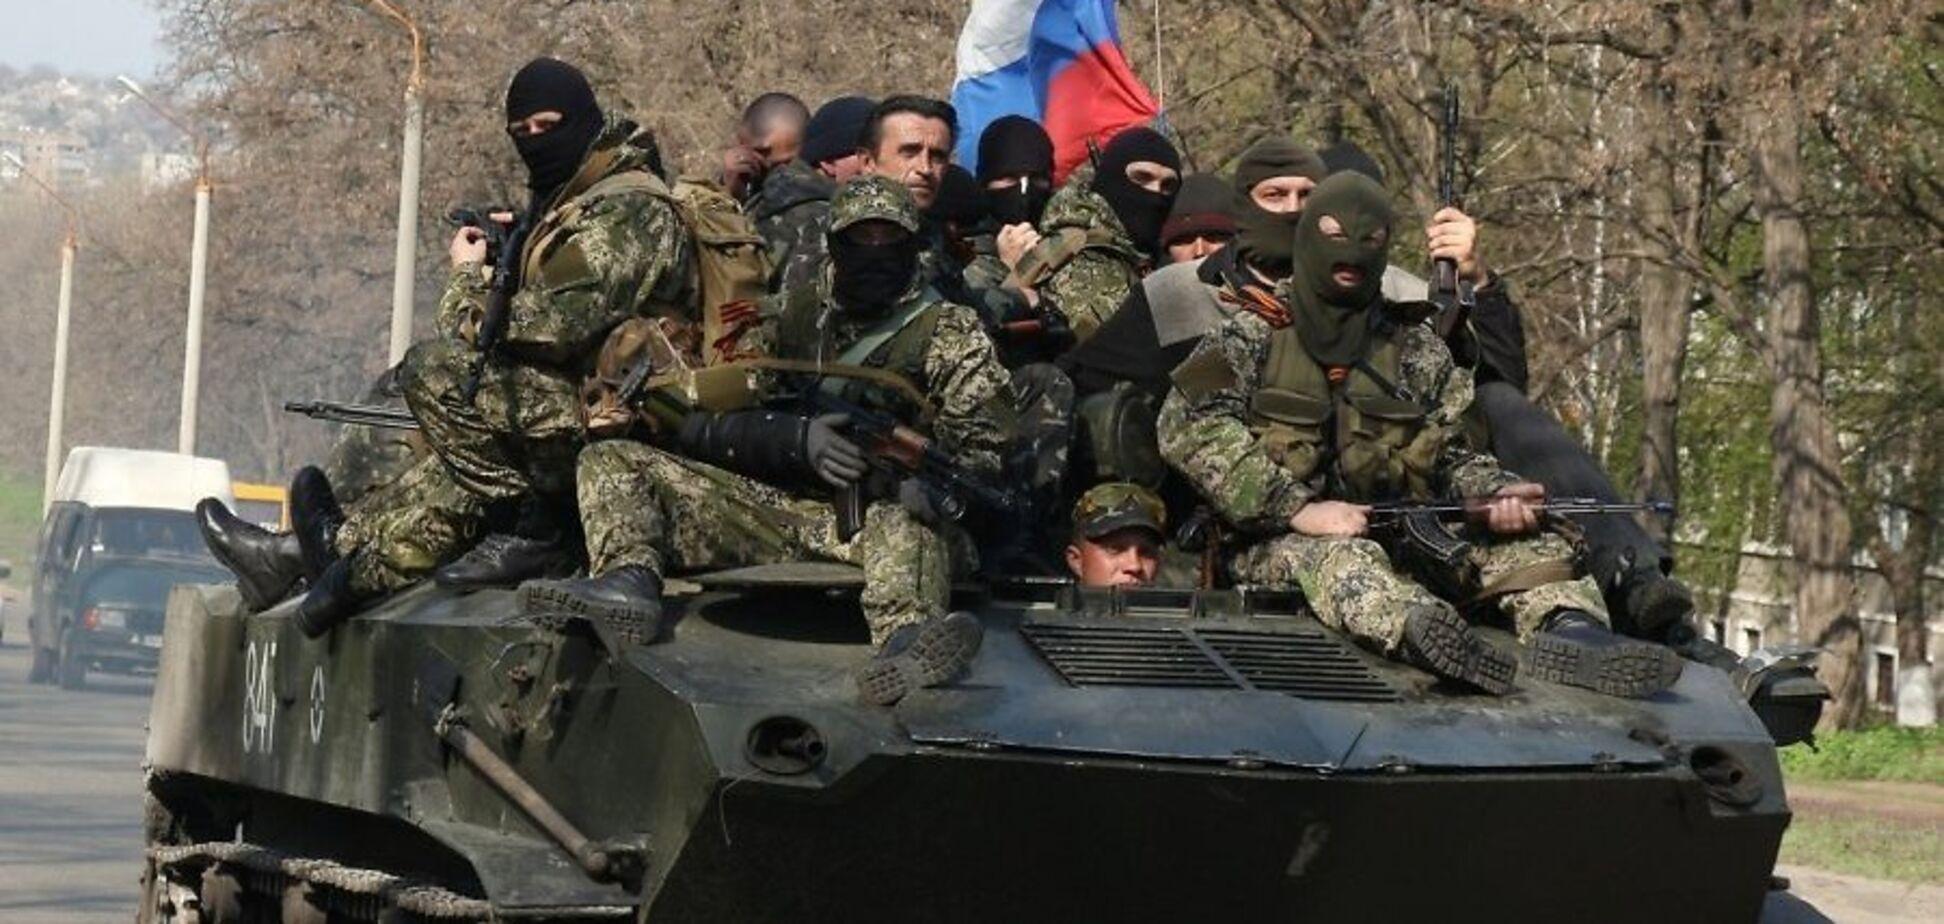 ''Росія стягнула війська'': у ЗСУ повідомили про вилов людей в ''армію ''Л/ДНР''